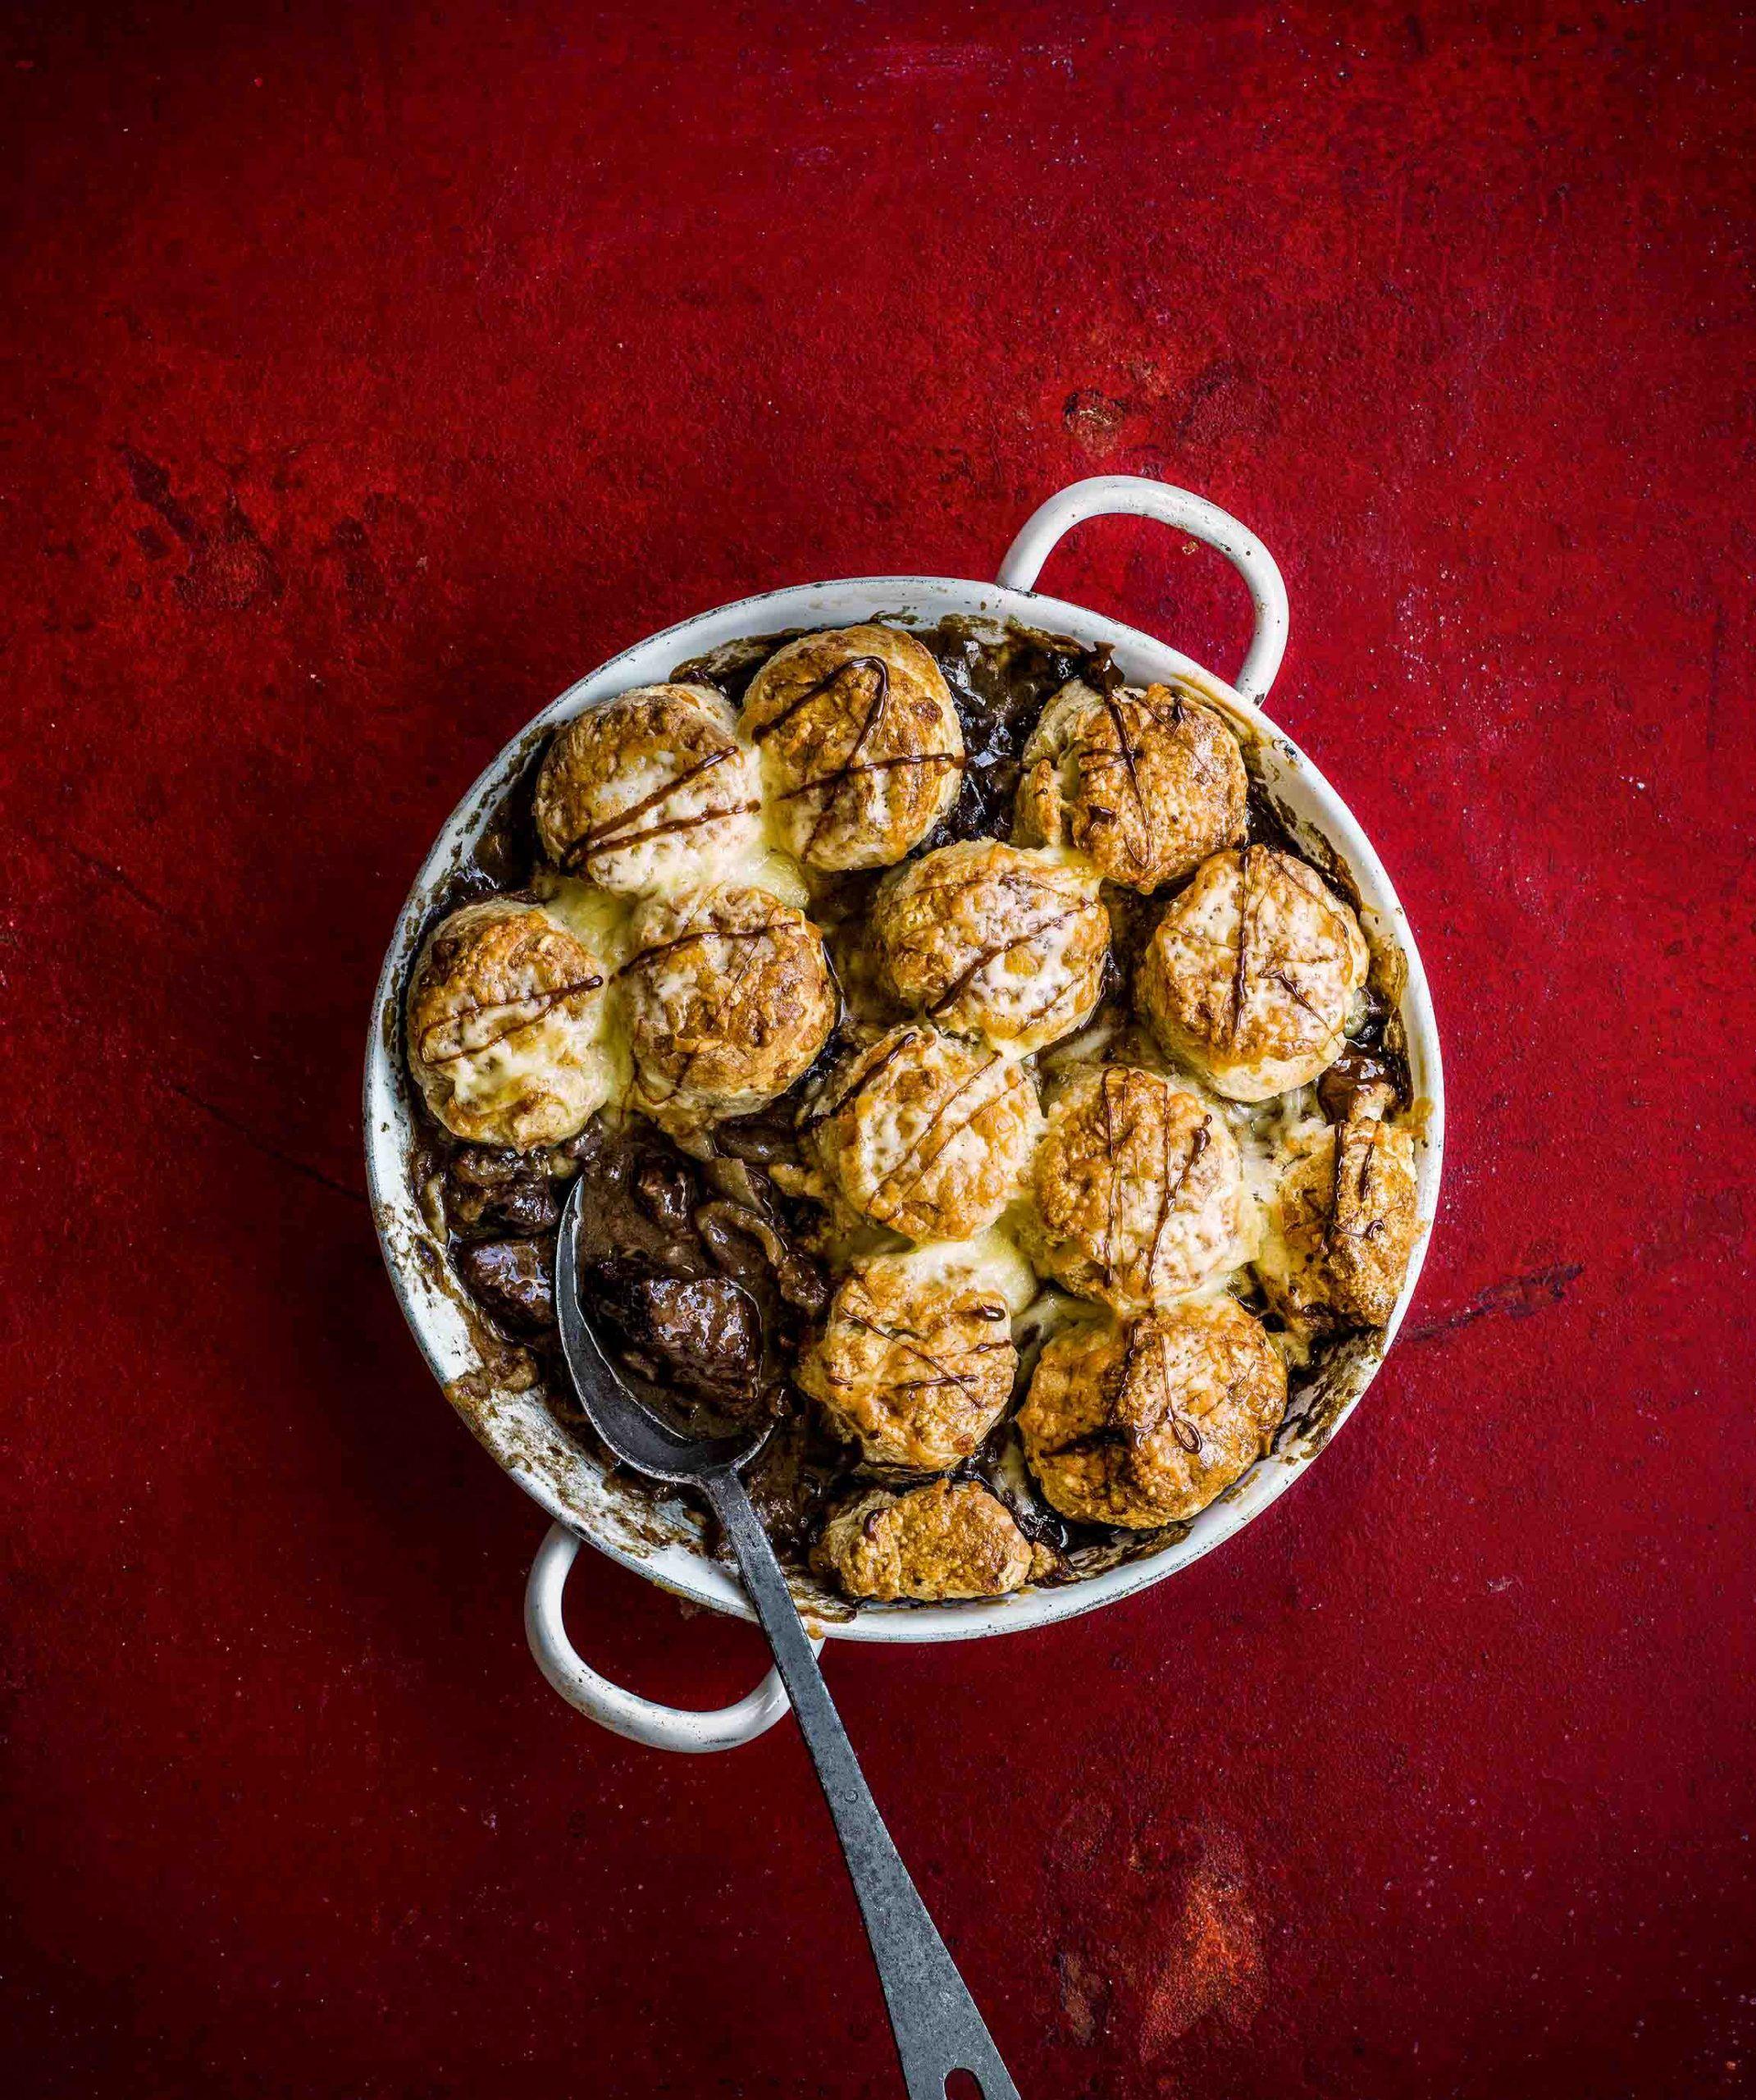 Rețetă de plăcintă de ciocolată de vită cu crustă de marmită de brânză